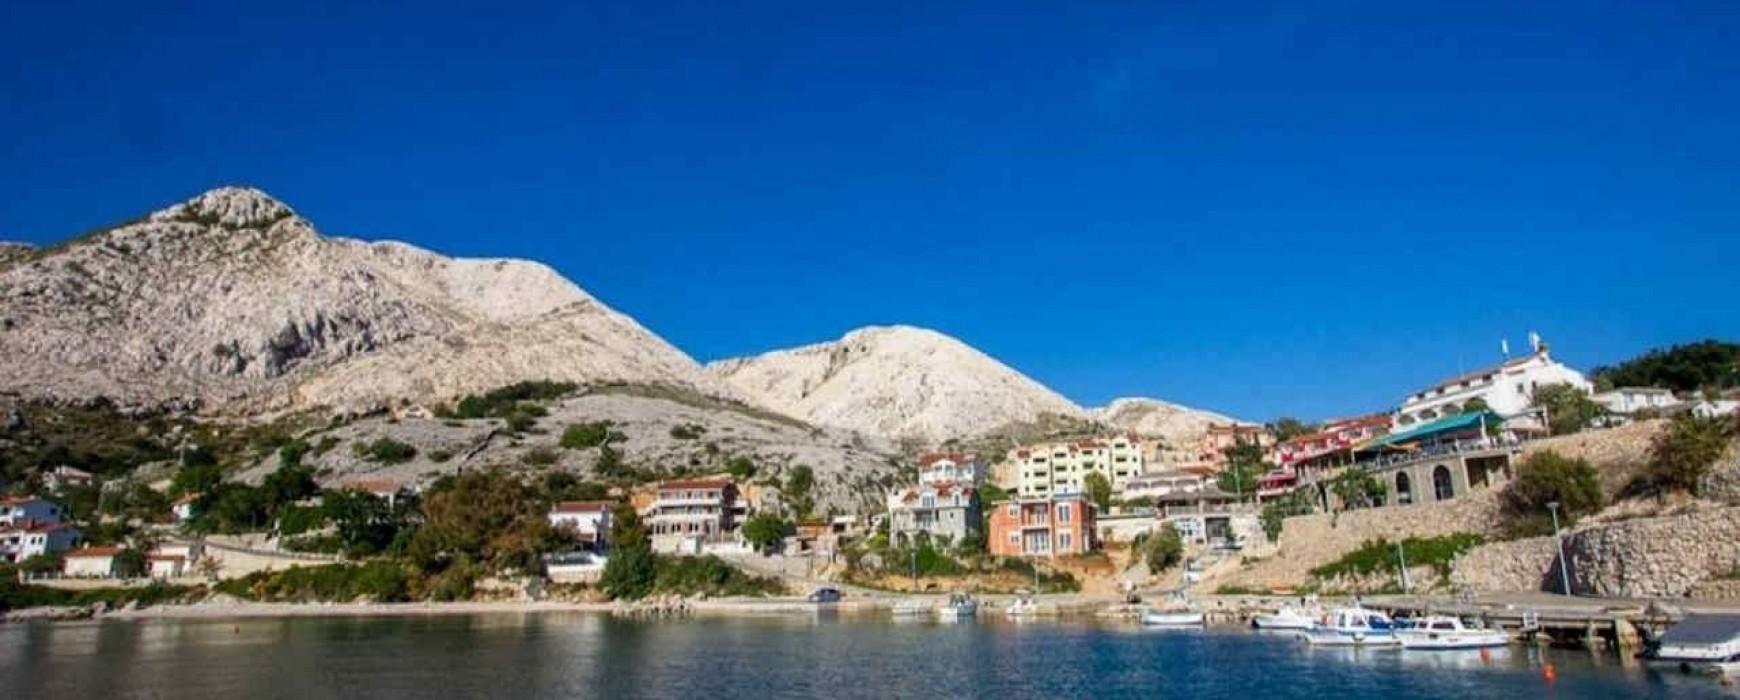 Kroatien : Angebot Für Euro-Divers Wiederholungskunden